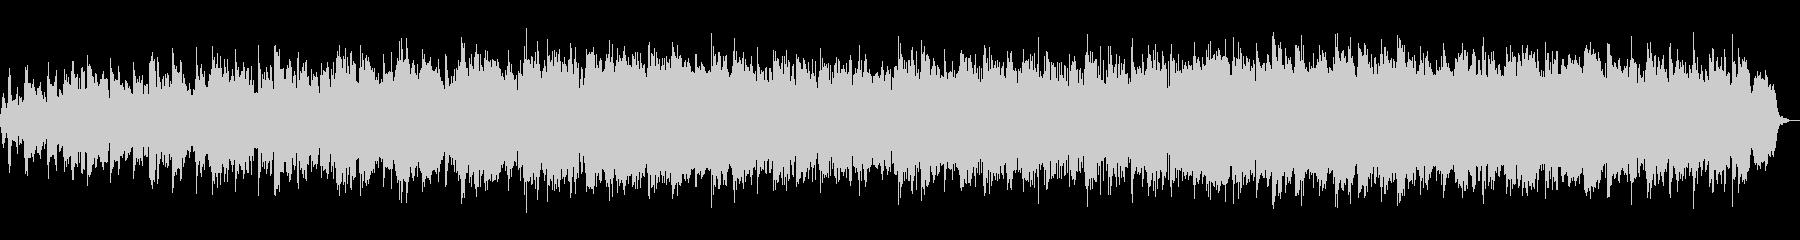 Pachelbel Canon Flute cover's unreproduced waveform